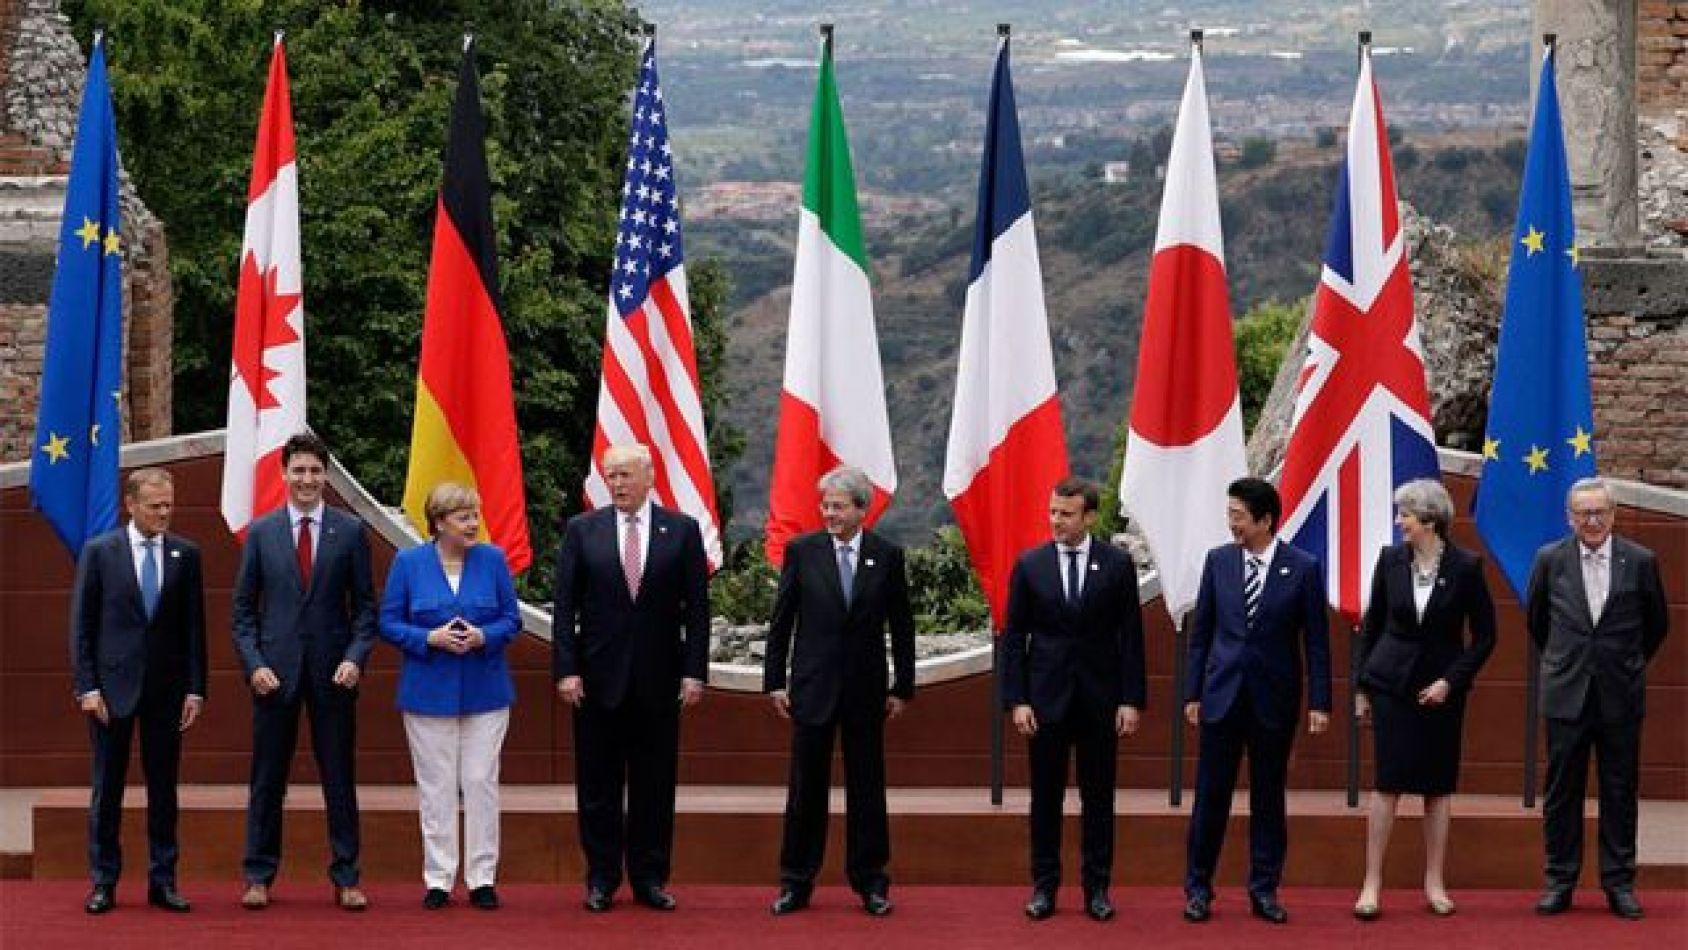 El Grupo de los Siete está integrado por Alemania, Canadá, Estados Unidos, Francia, Italia, Japón y Reino Unido.